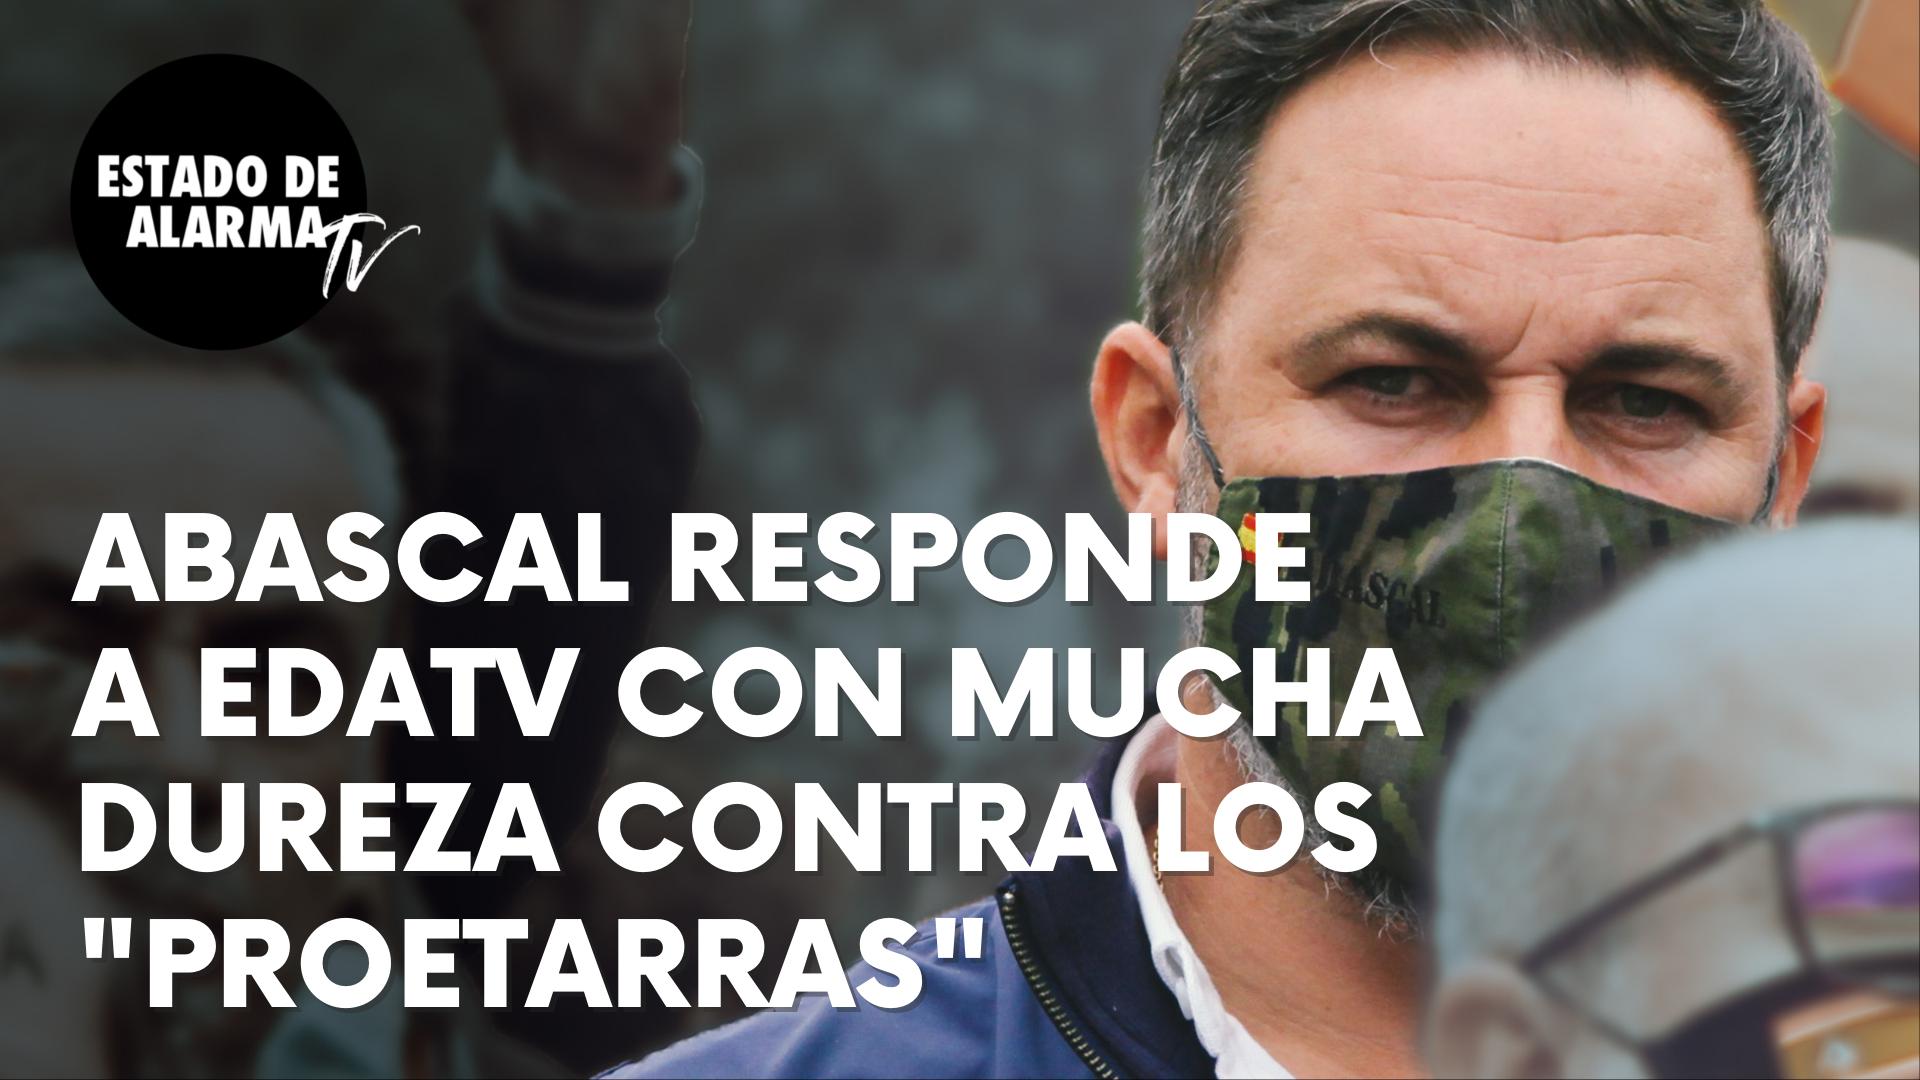 Imagen del video: Abascal responde a EDATV con mucha dureza contra los